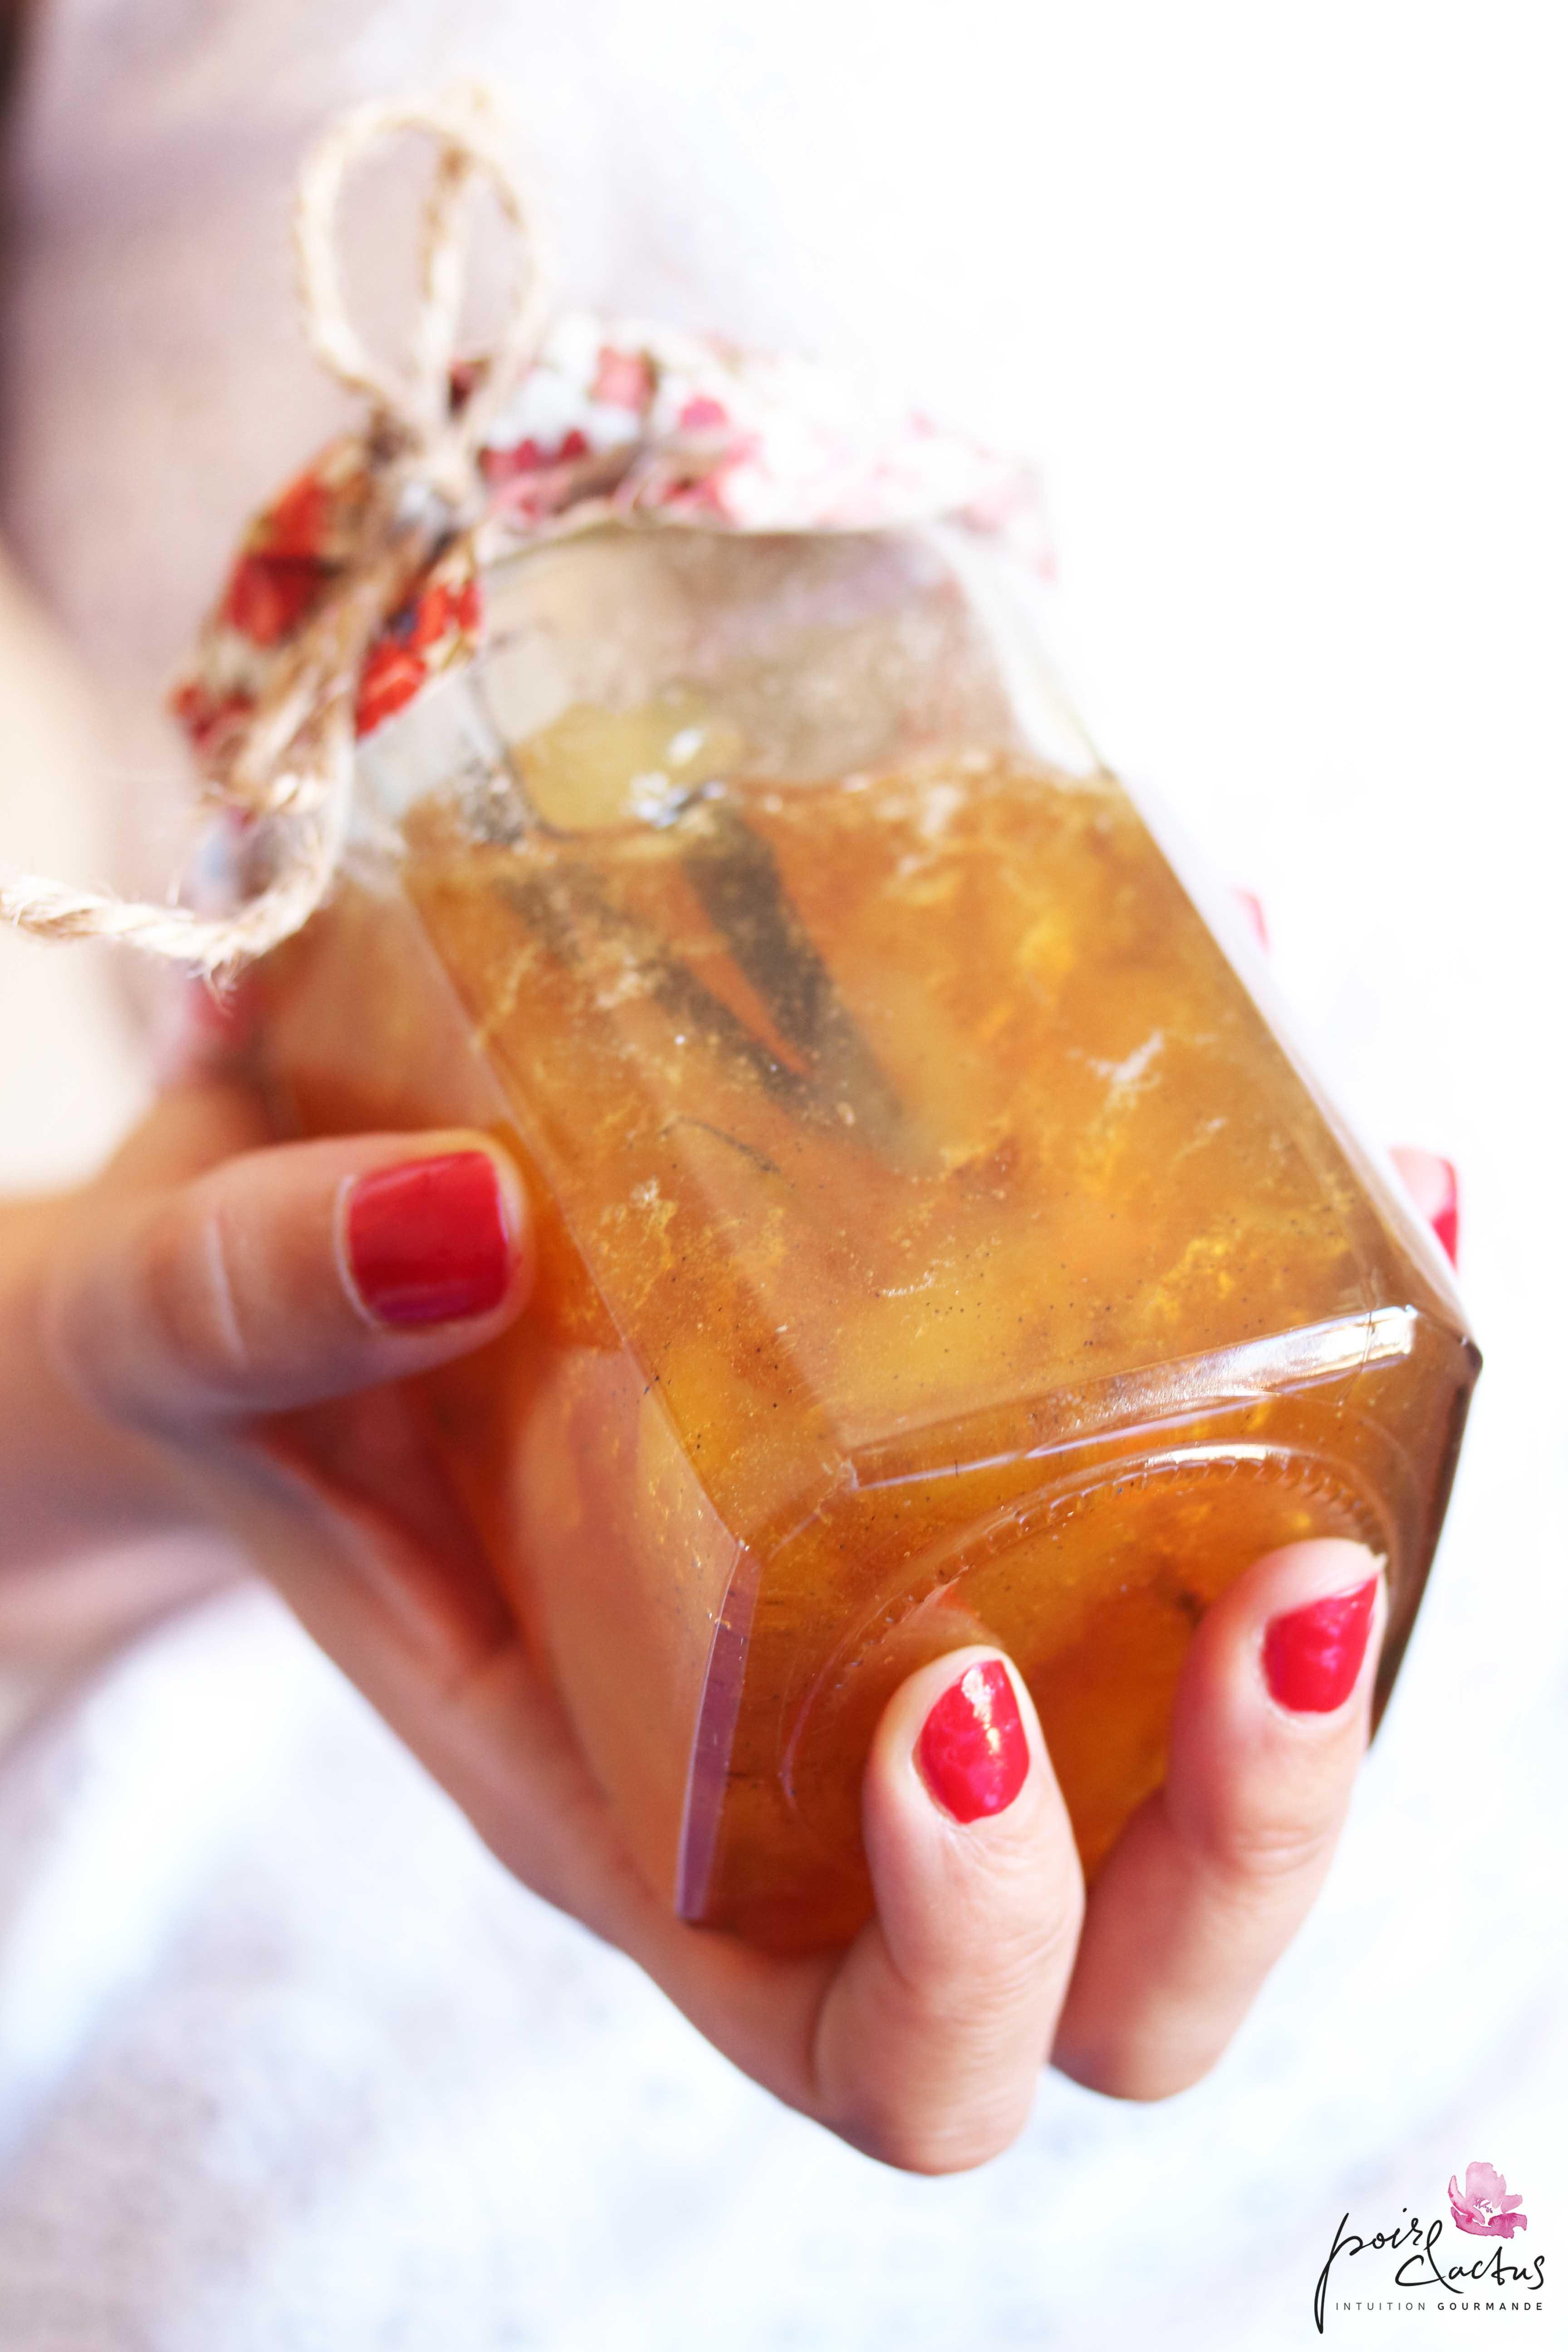 recette_confiture_melon_vanille_poiretcactus3